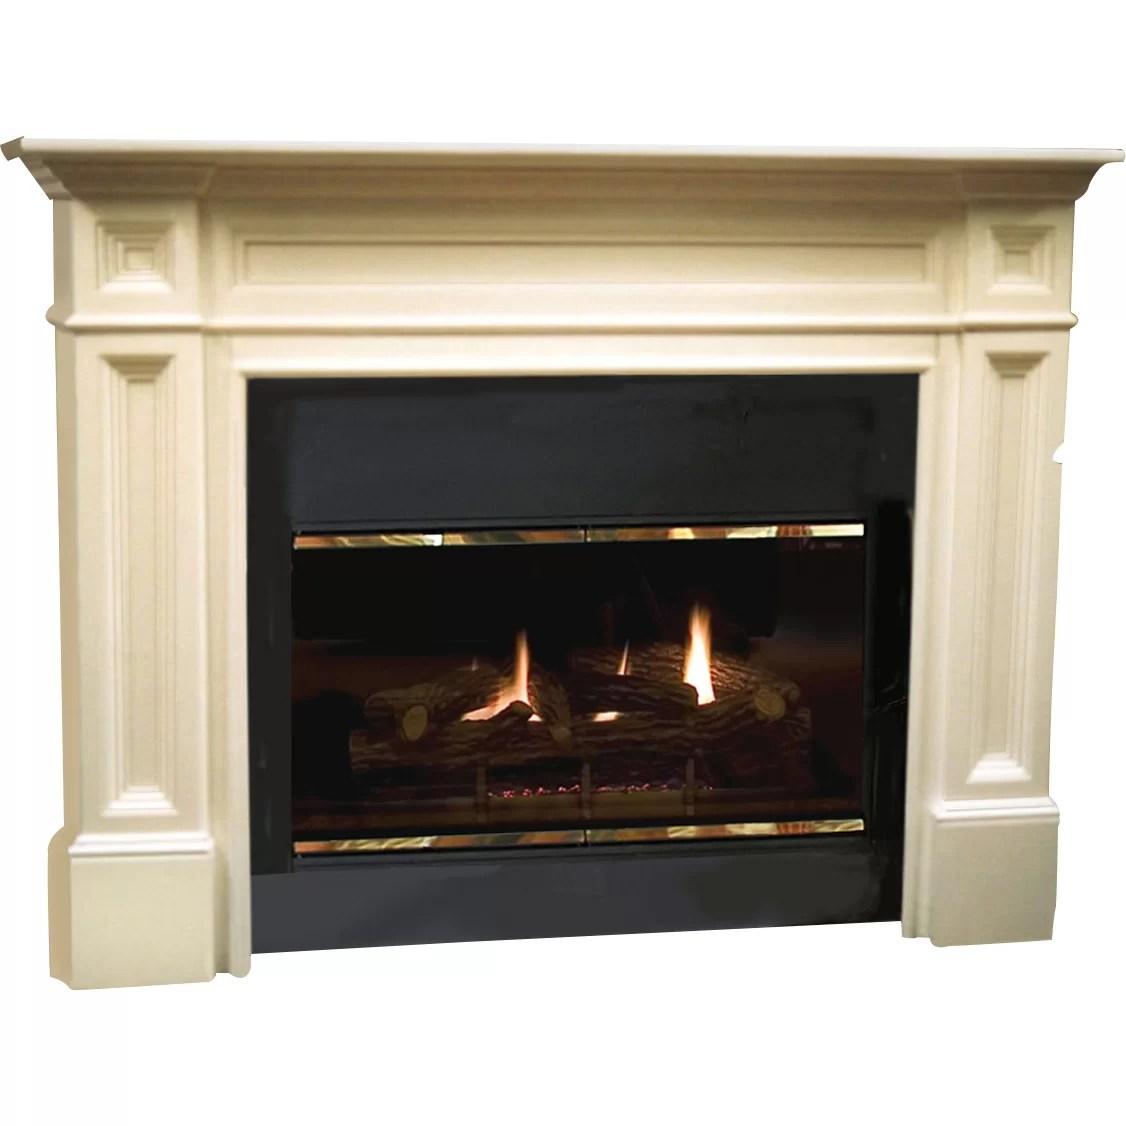 Pearl Mantels The Classique Fireplace Mantel Surround  Reviews  Wayfair